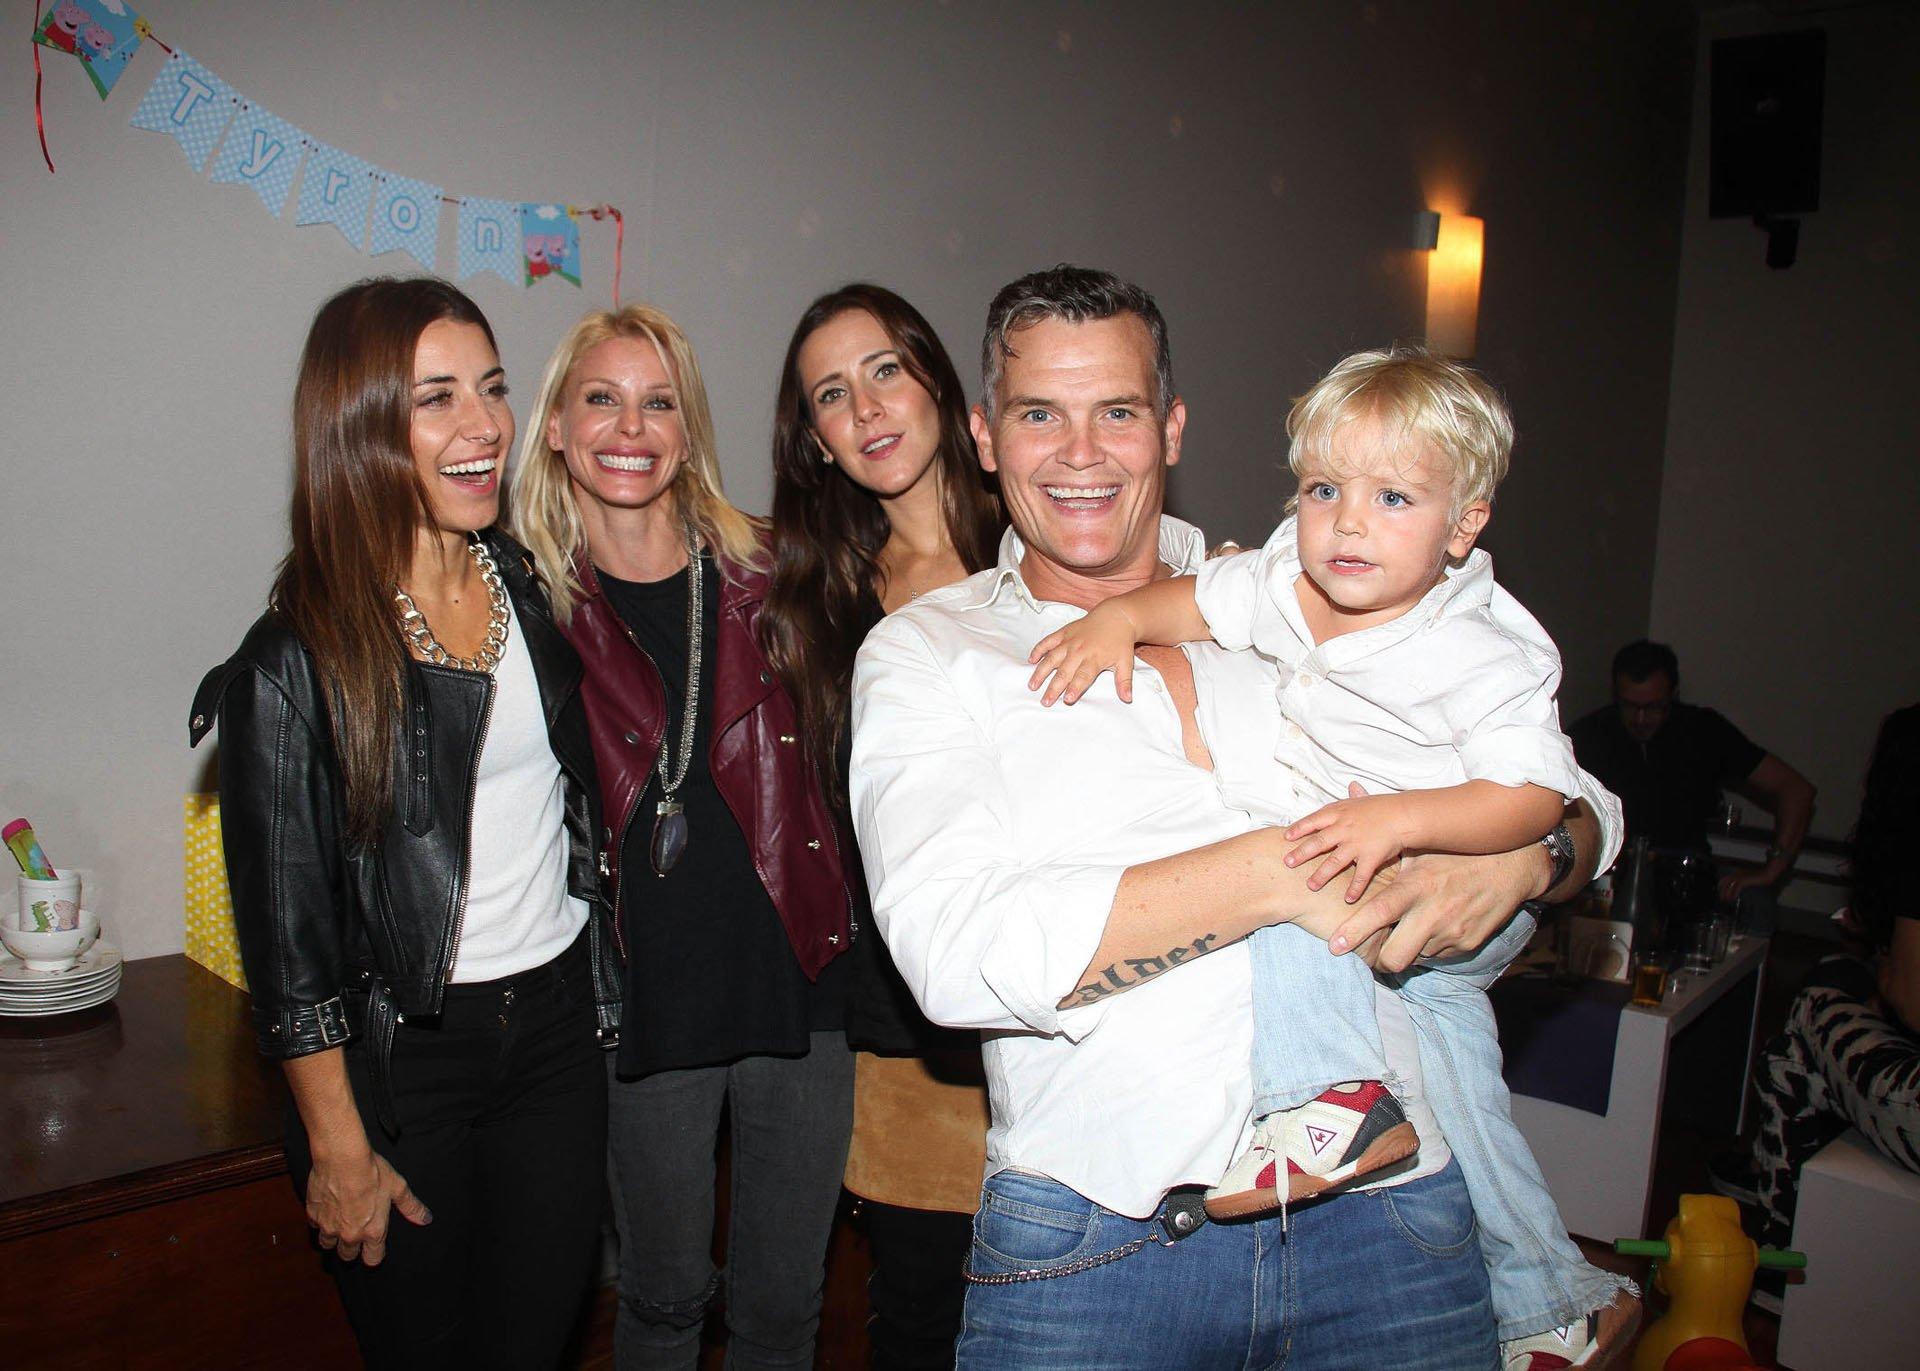 Mariana Brey, Jimena Cyrulnik, Julieta Camaño y Lucas Kirby con Tyron, el agasajado